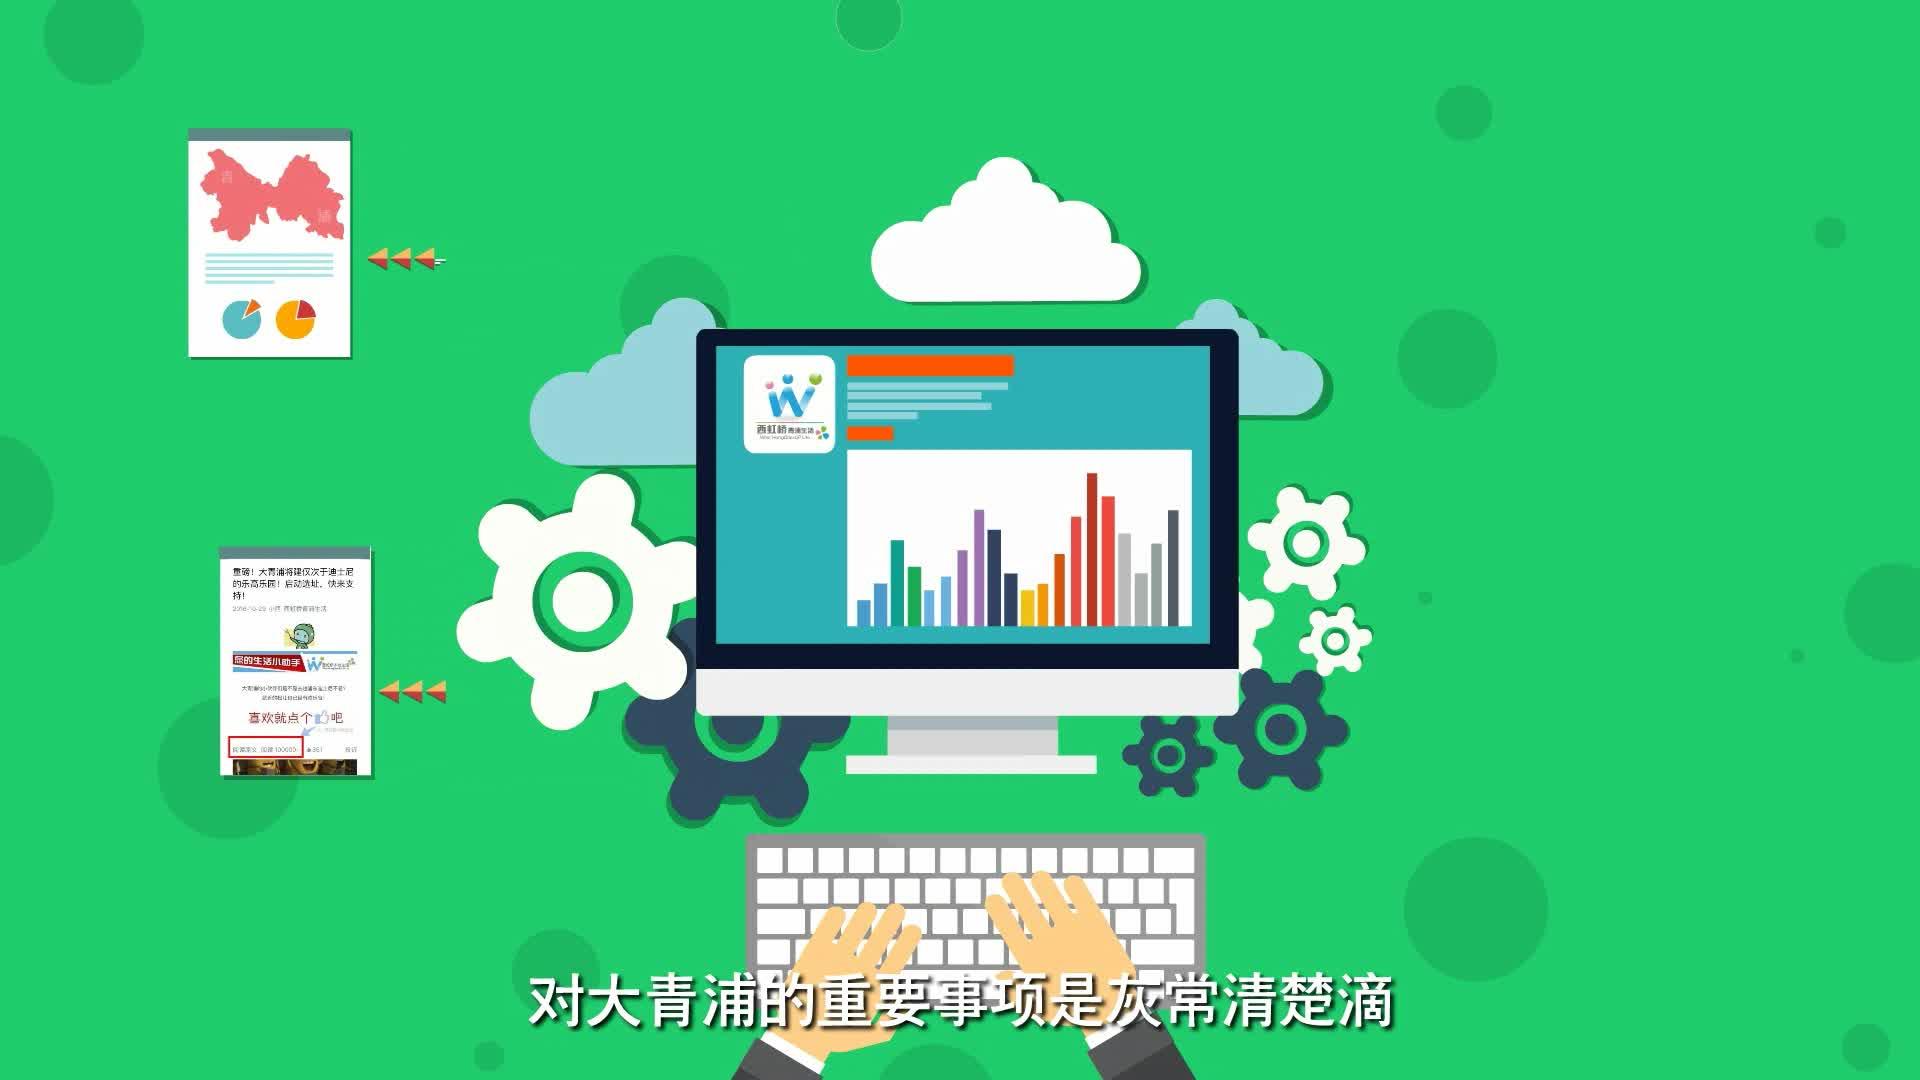 企业宣传片-青浦西虹桥